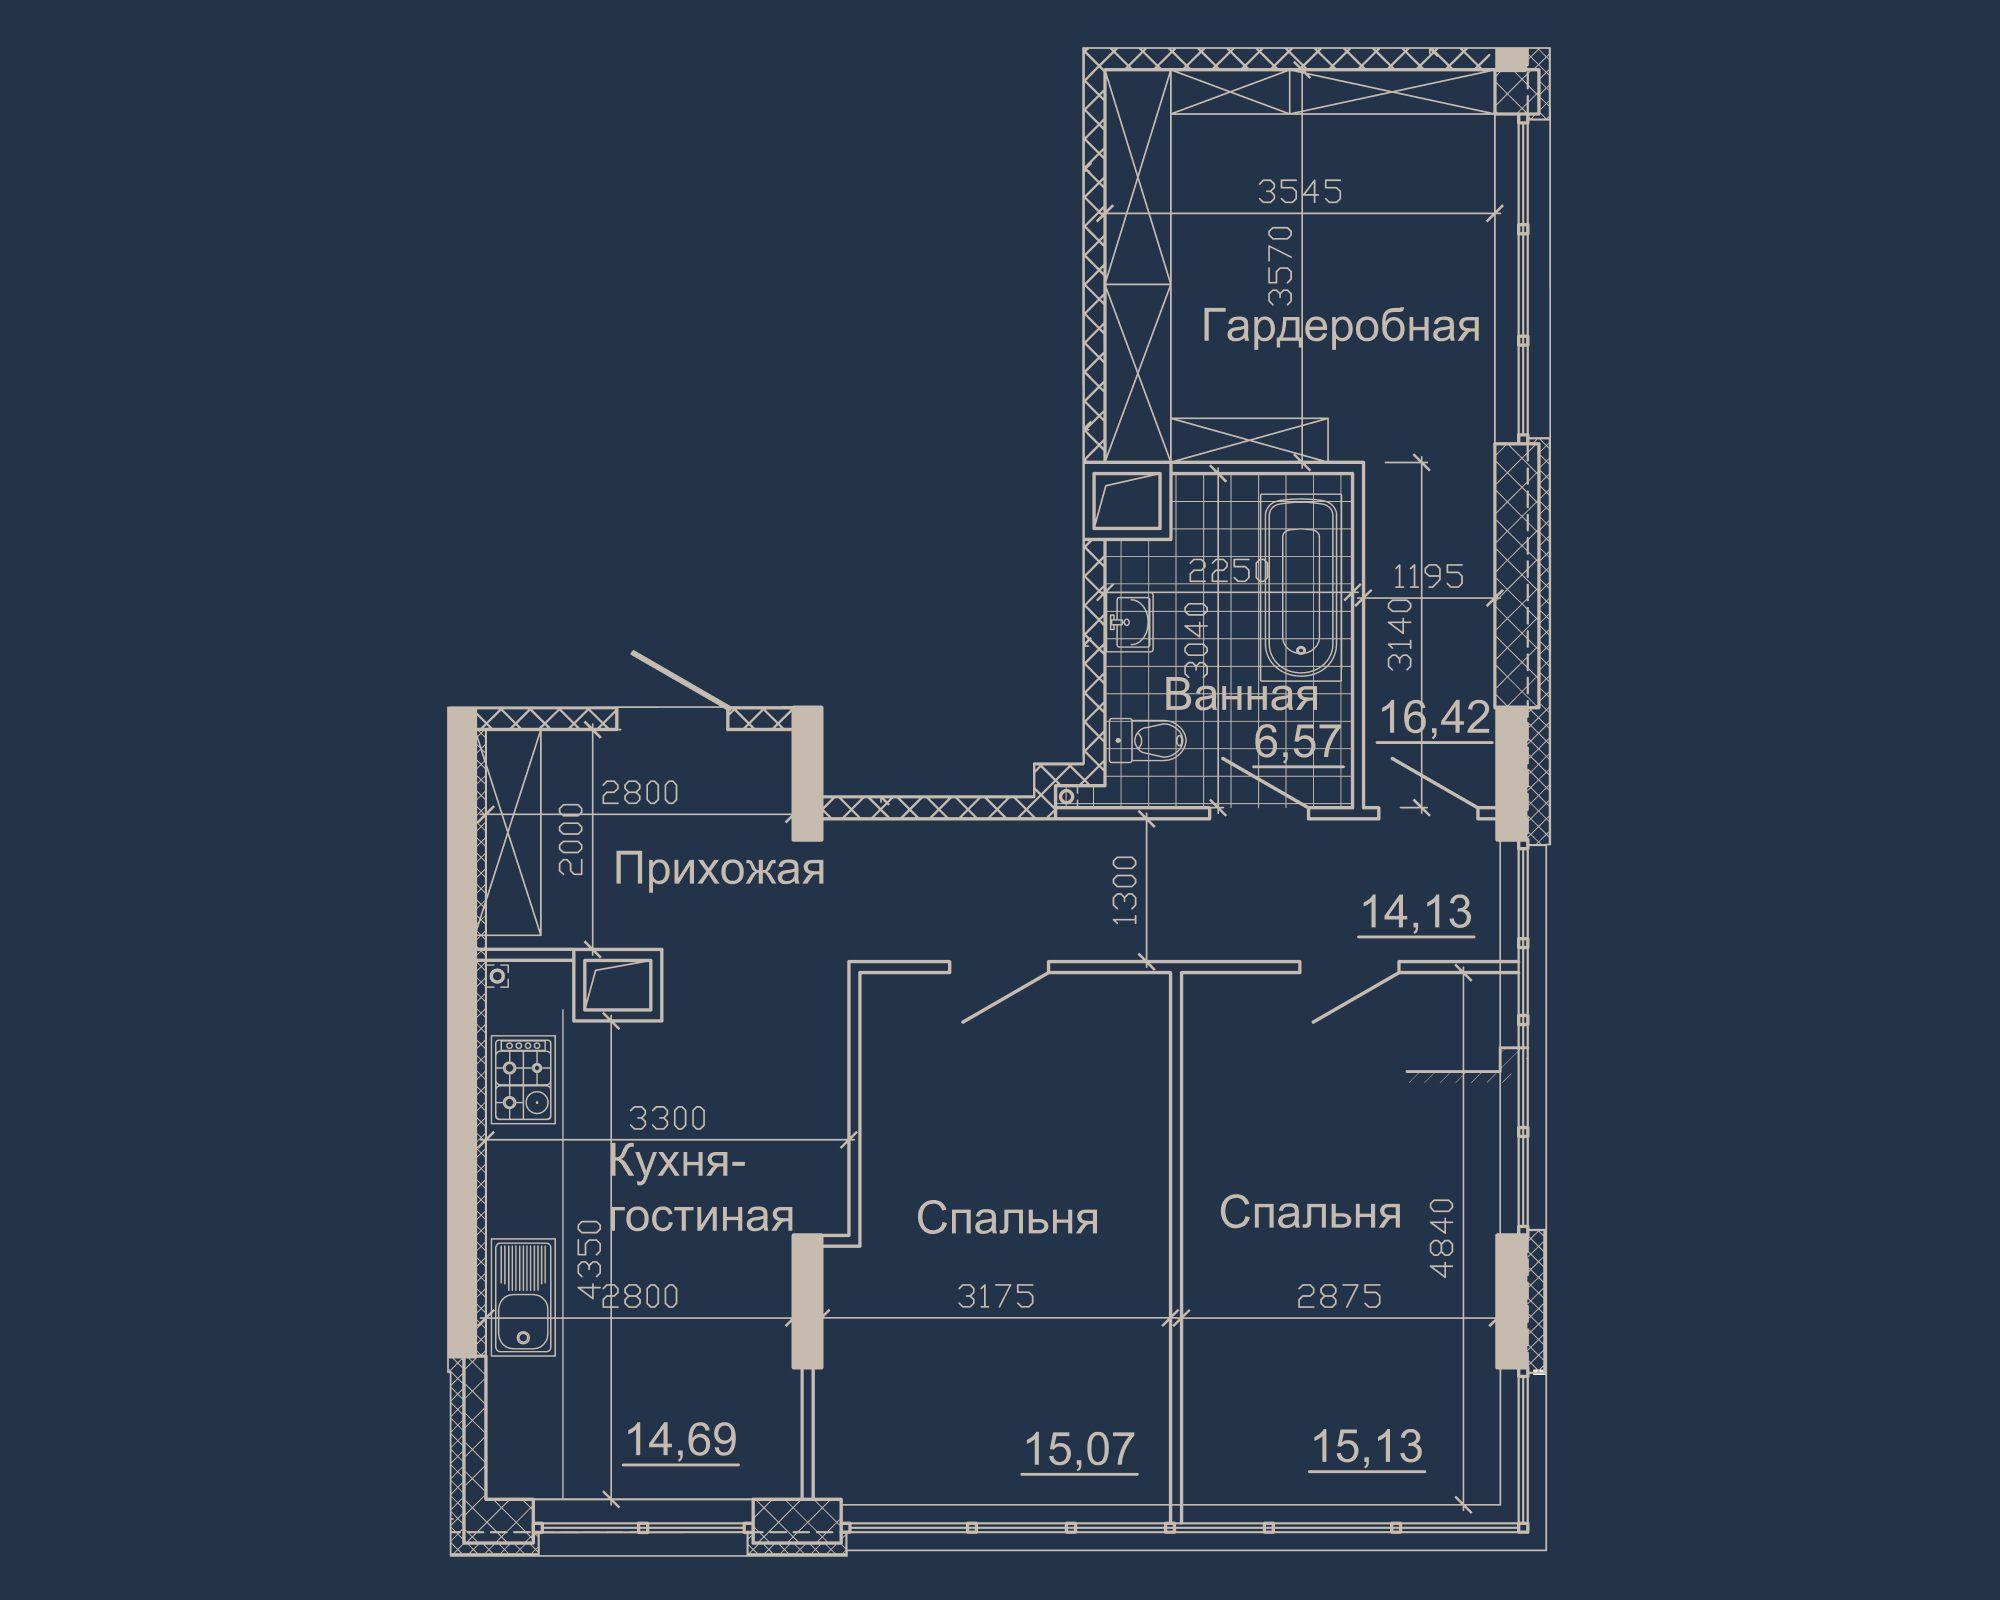 3-кімнатна квартира типу 10Б-1 у ЖК Nebo